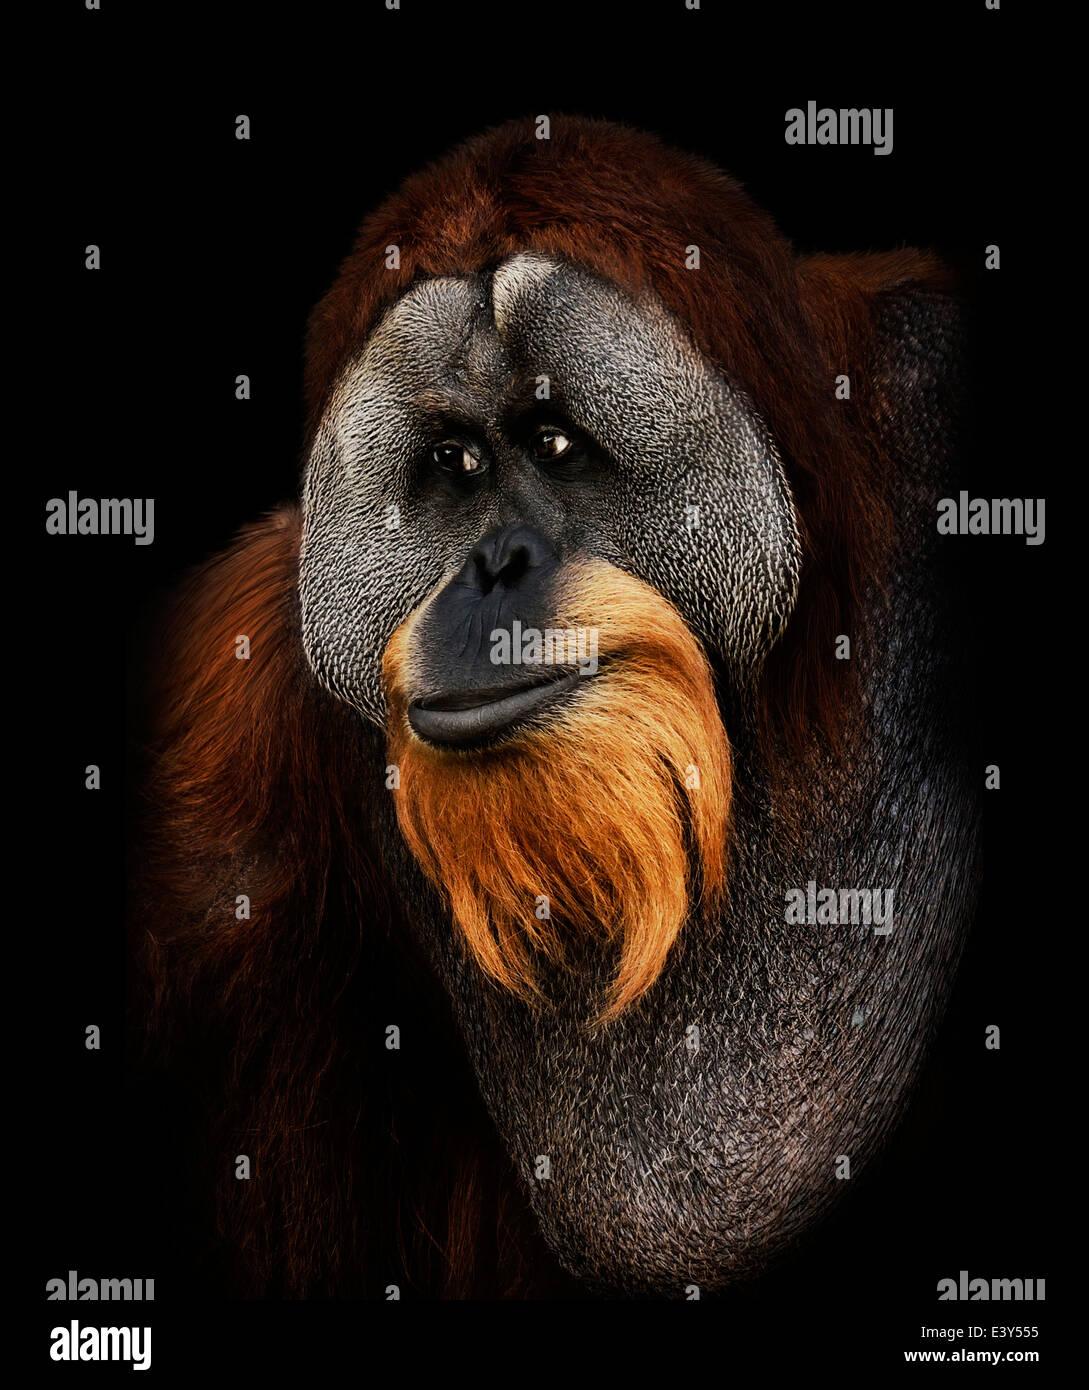 Orangután retrato sobre fondo negro Imagen De Stock